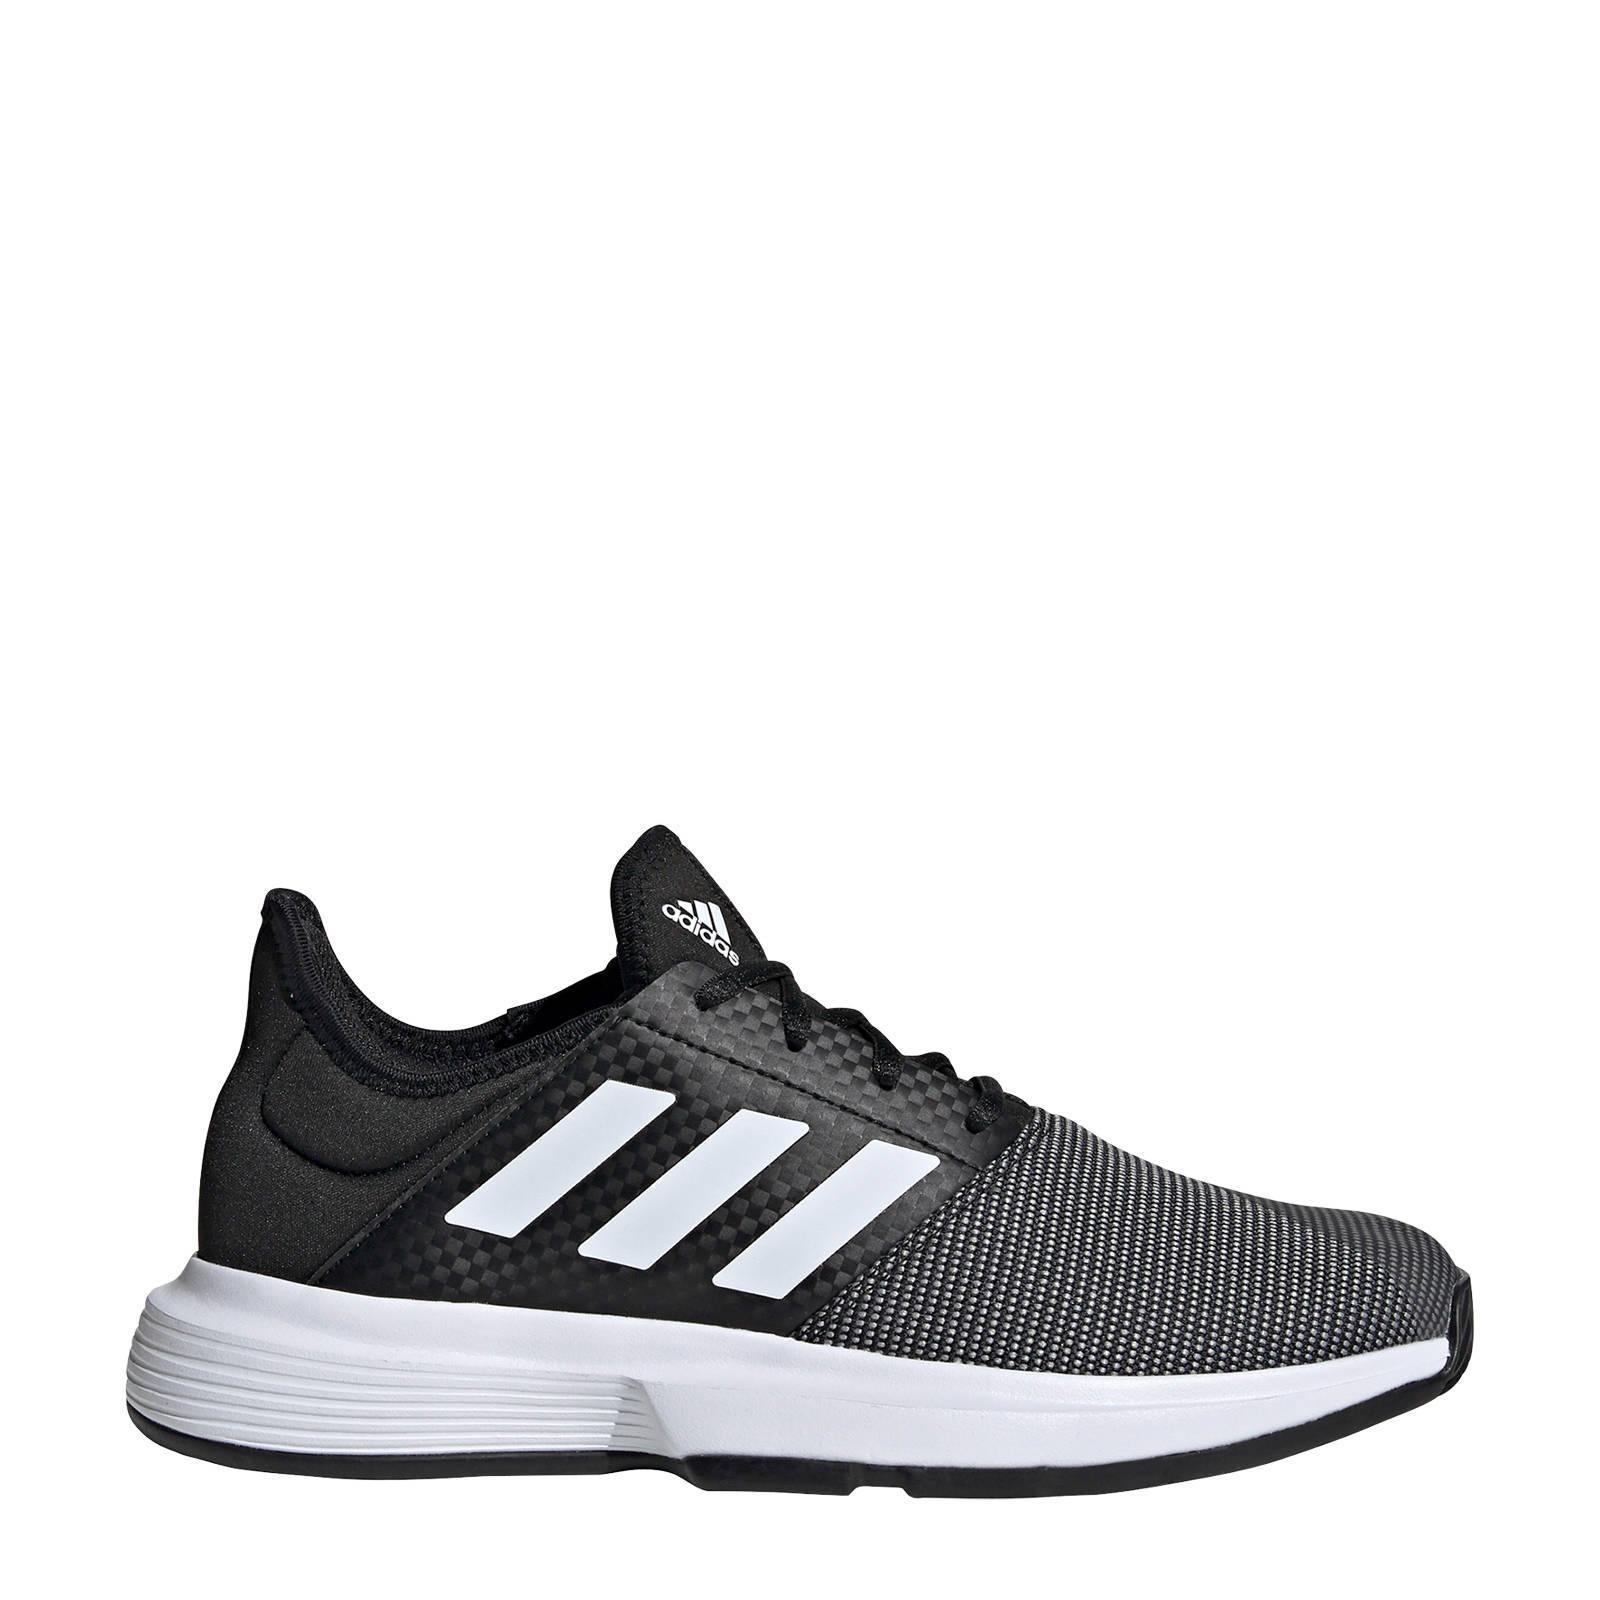 adidas Performance GameCourt tennisschoenen zwart/wit   wehkamp